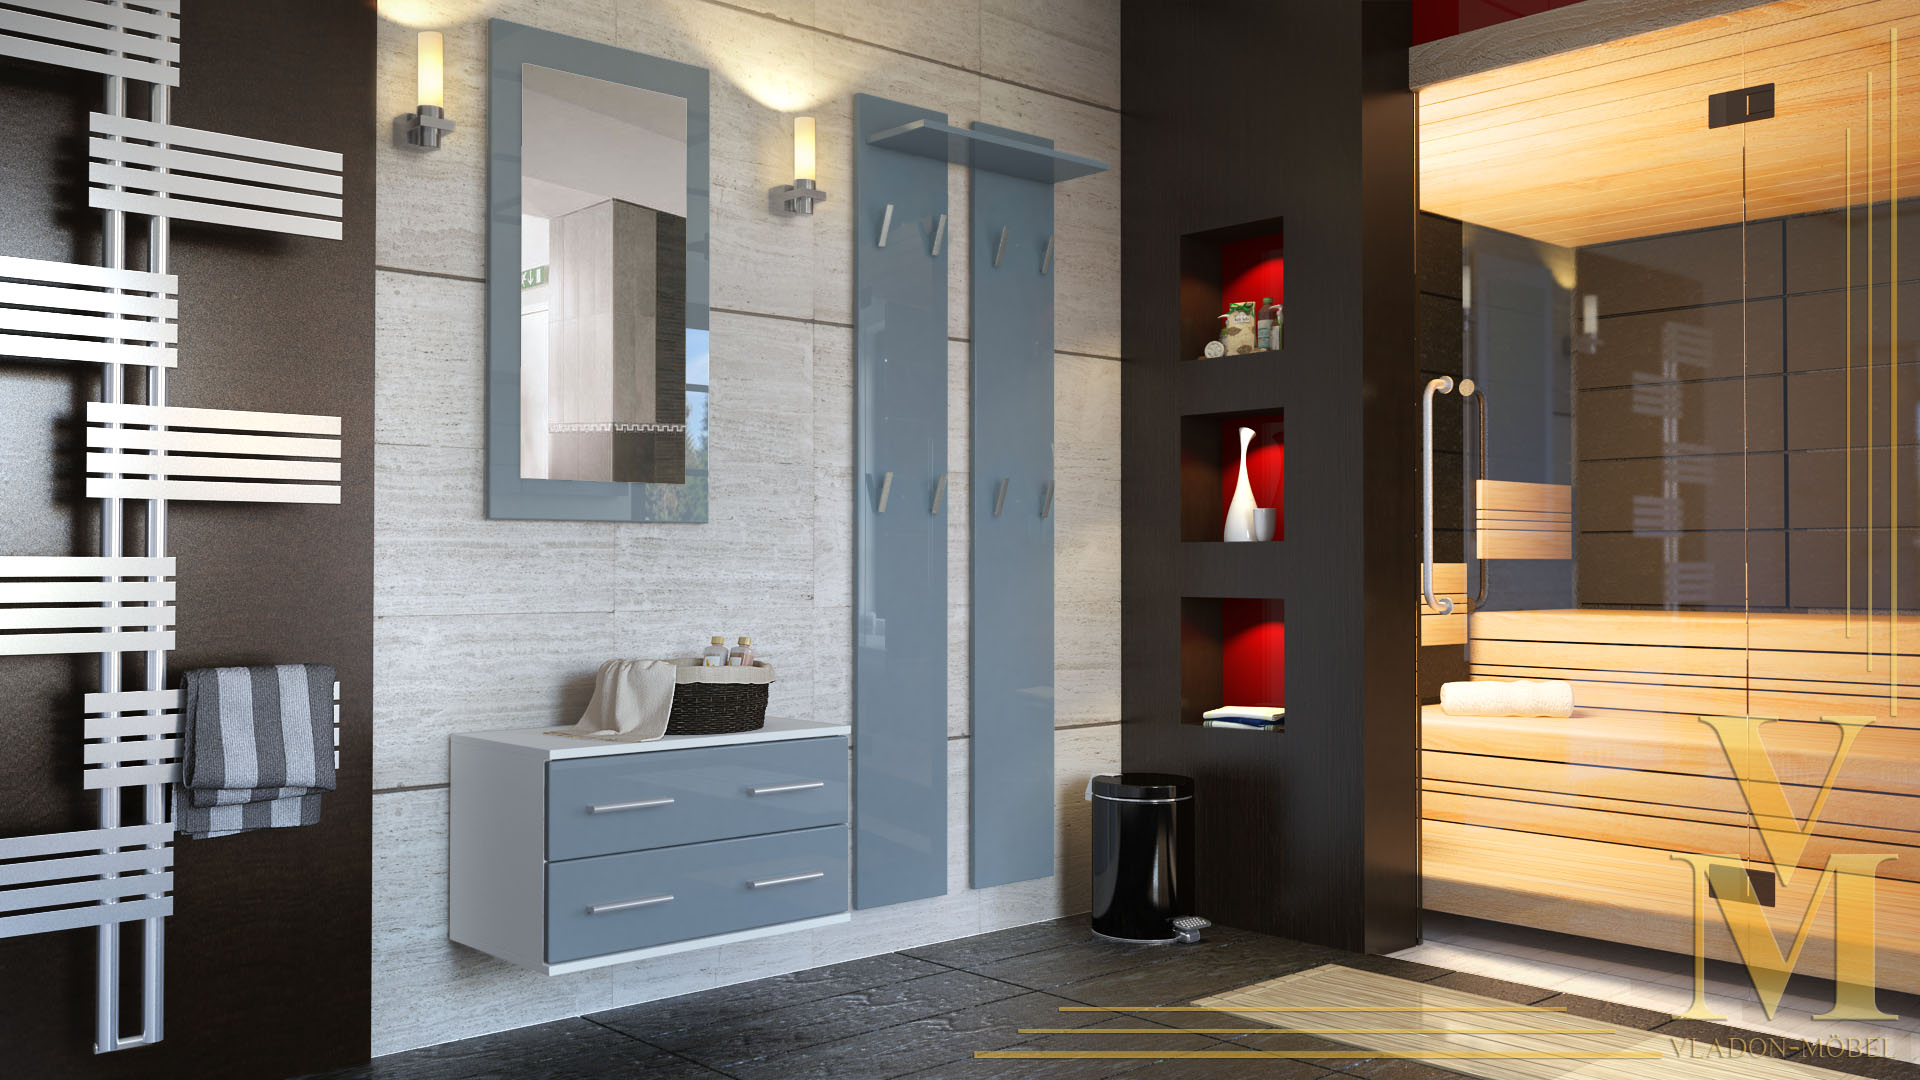 garderobenset garderobe kioto mit spiegel in wei grau. Black Bedroom Furniture Sets. Home Design Ideas